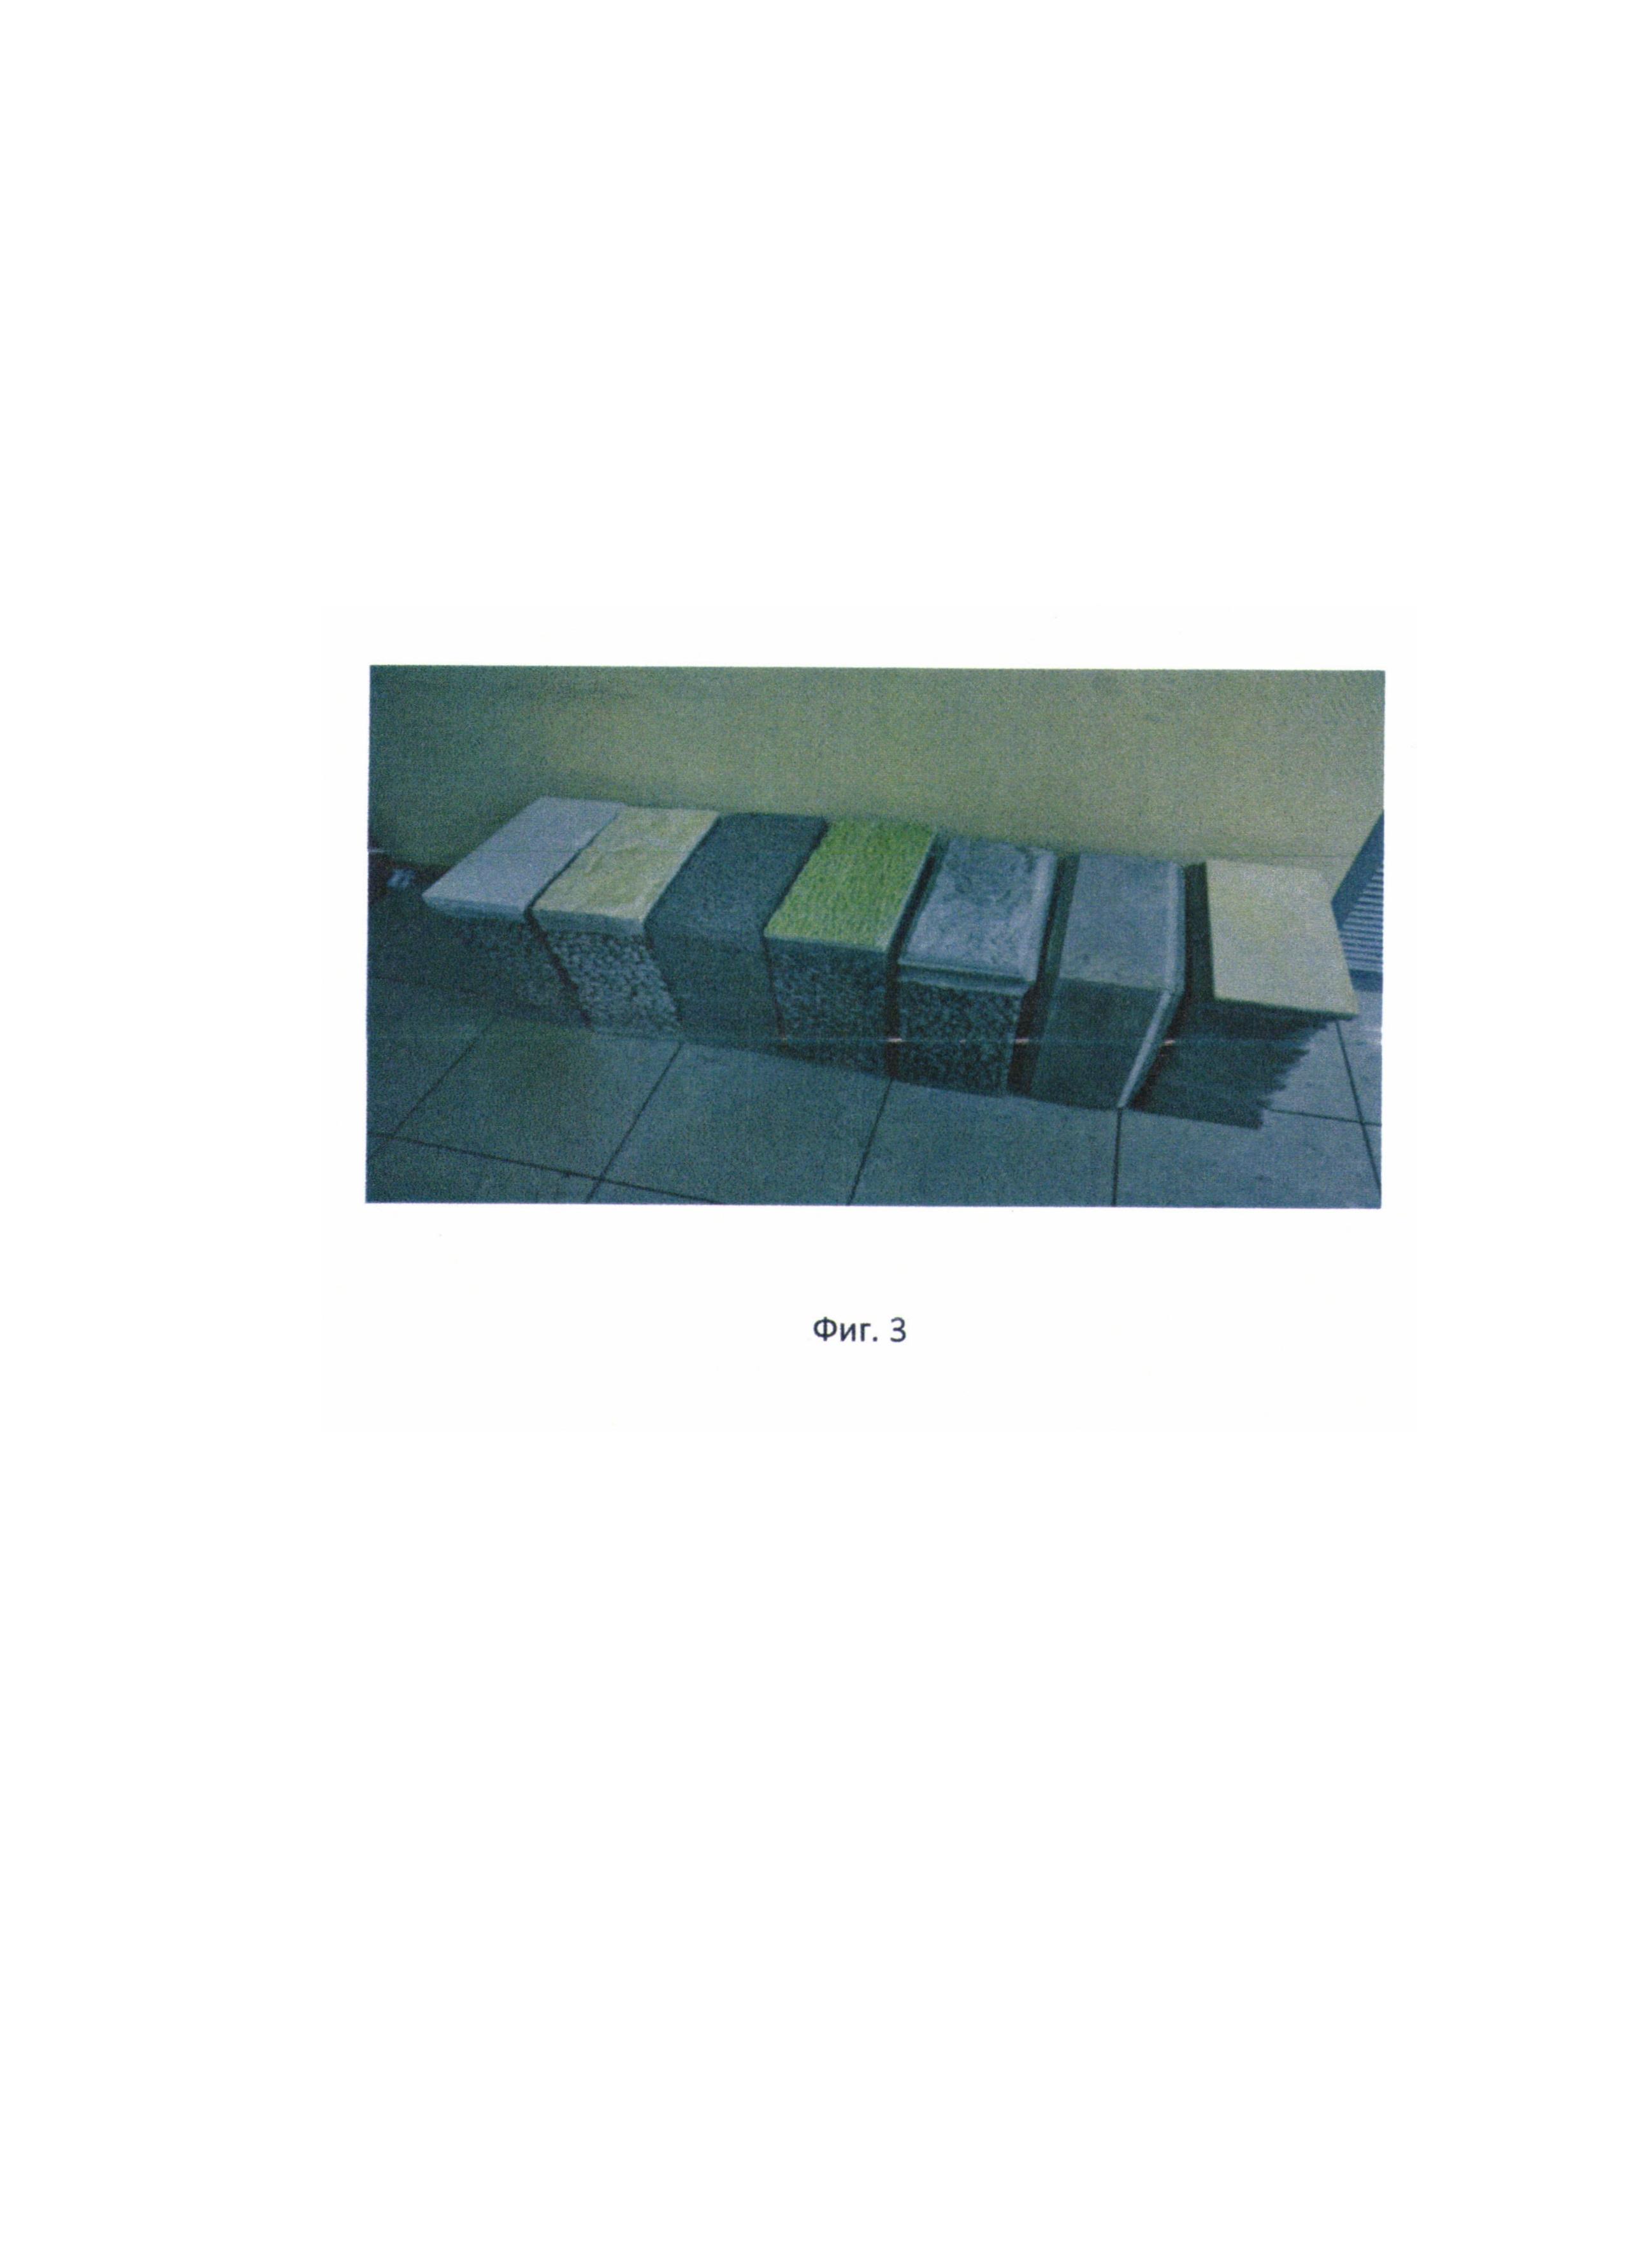 Технологическая линия непрерывного изготовления крупнопористых бетонных изделий